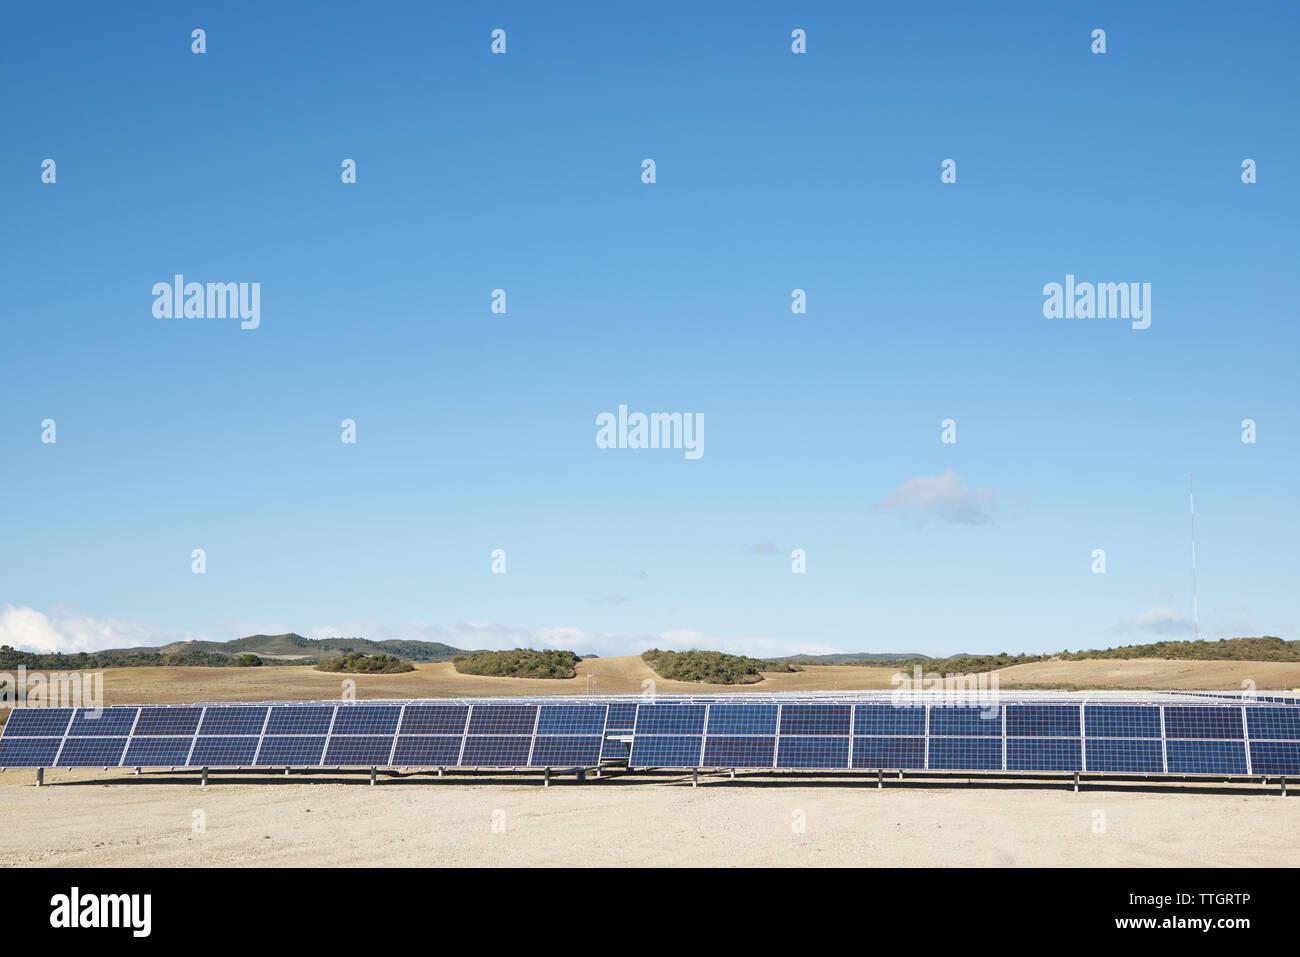 Paneles solares en el paisaje contra el cielo azul Imagen De Stock